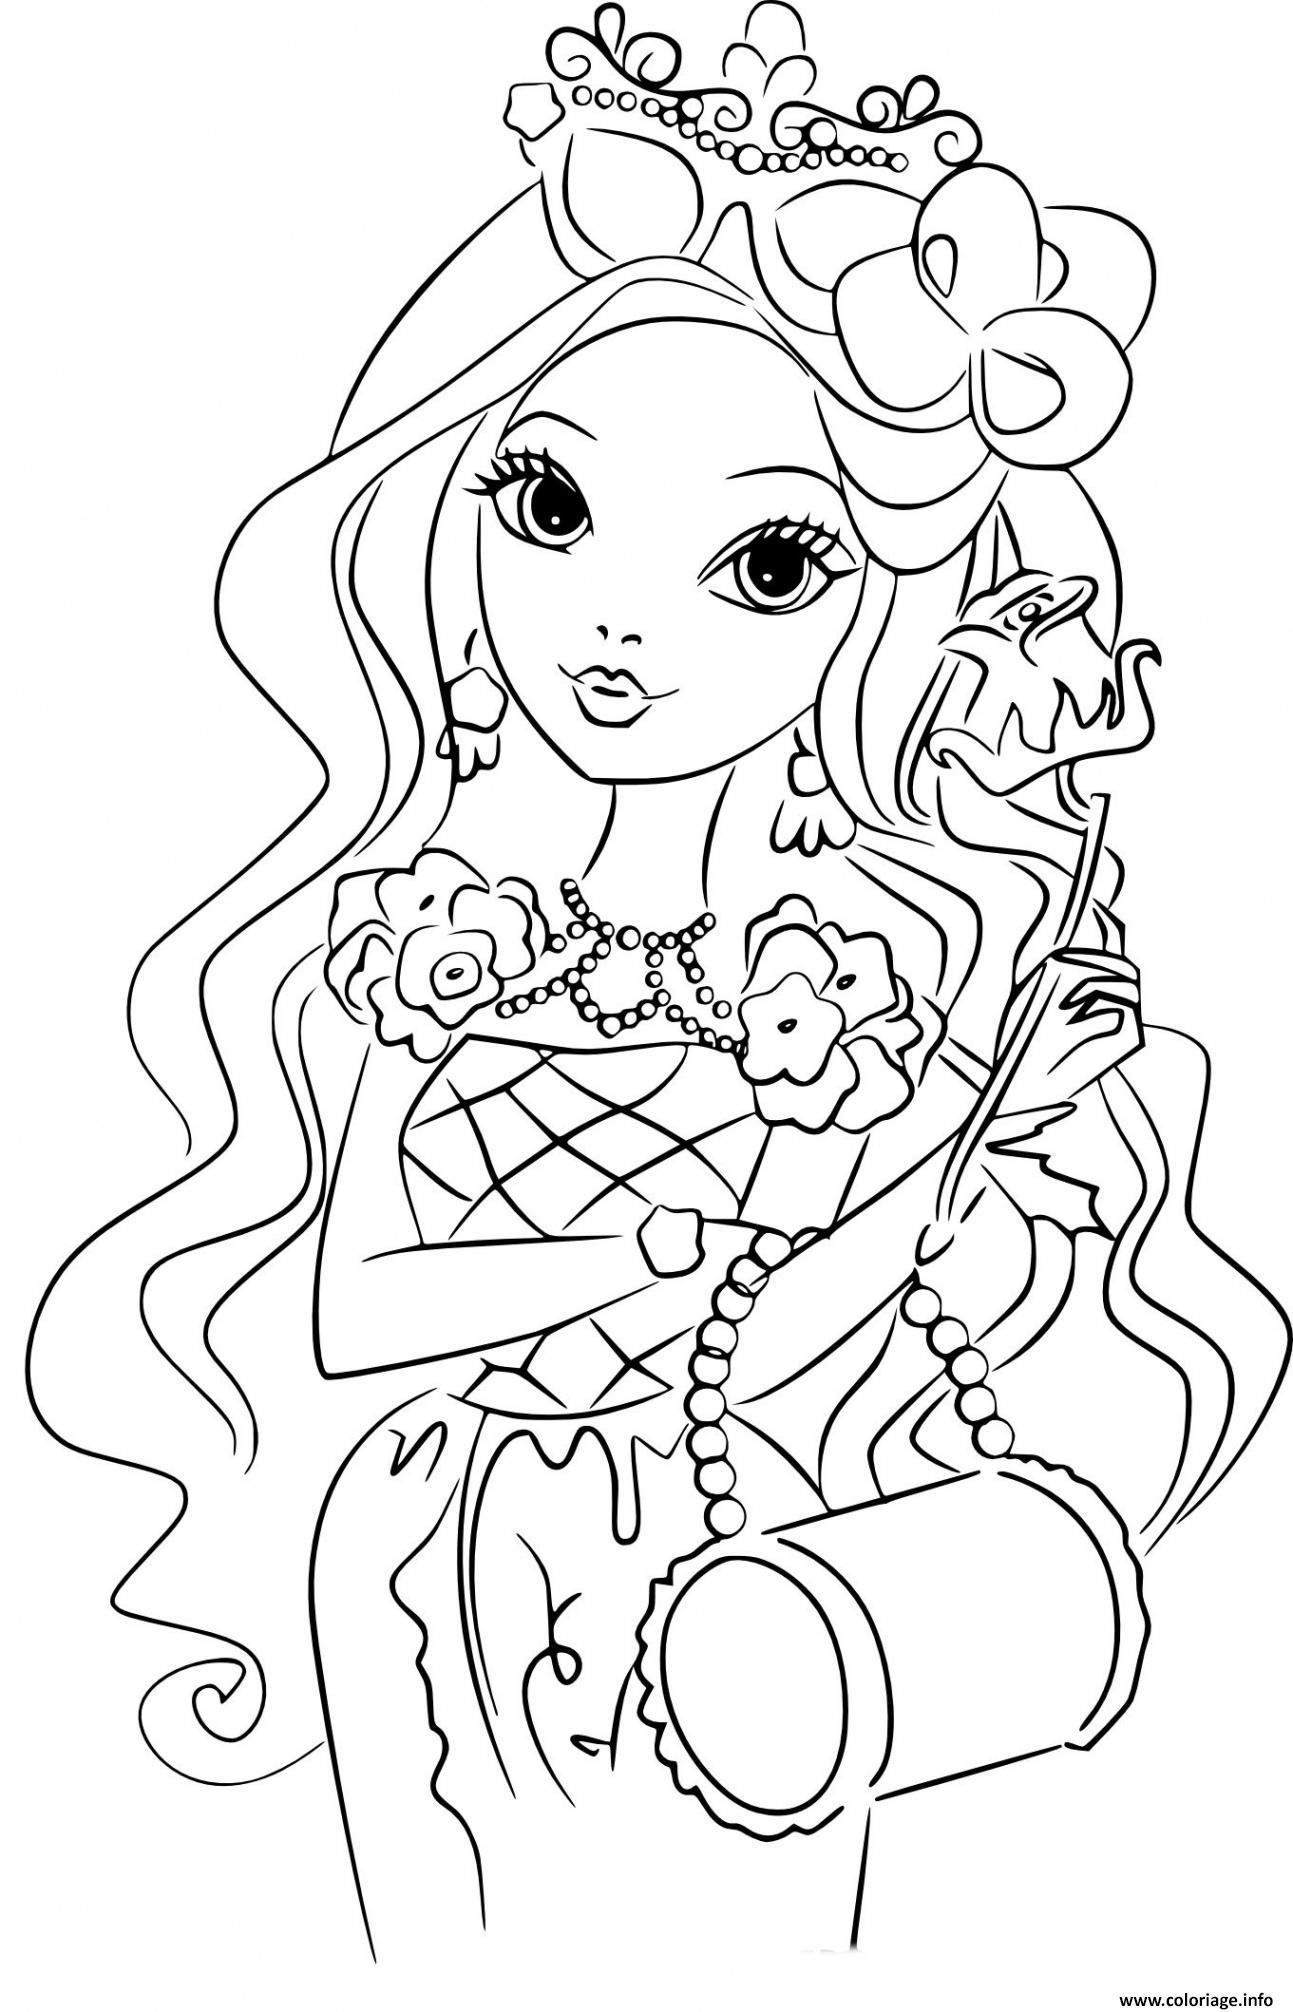 Coloriage Fille 8 Ans Barbie Bimbo Fashion Dessin serapportantà Coloriage Gratuit À Imprimer Pour Fille